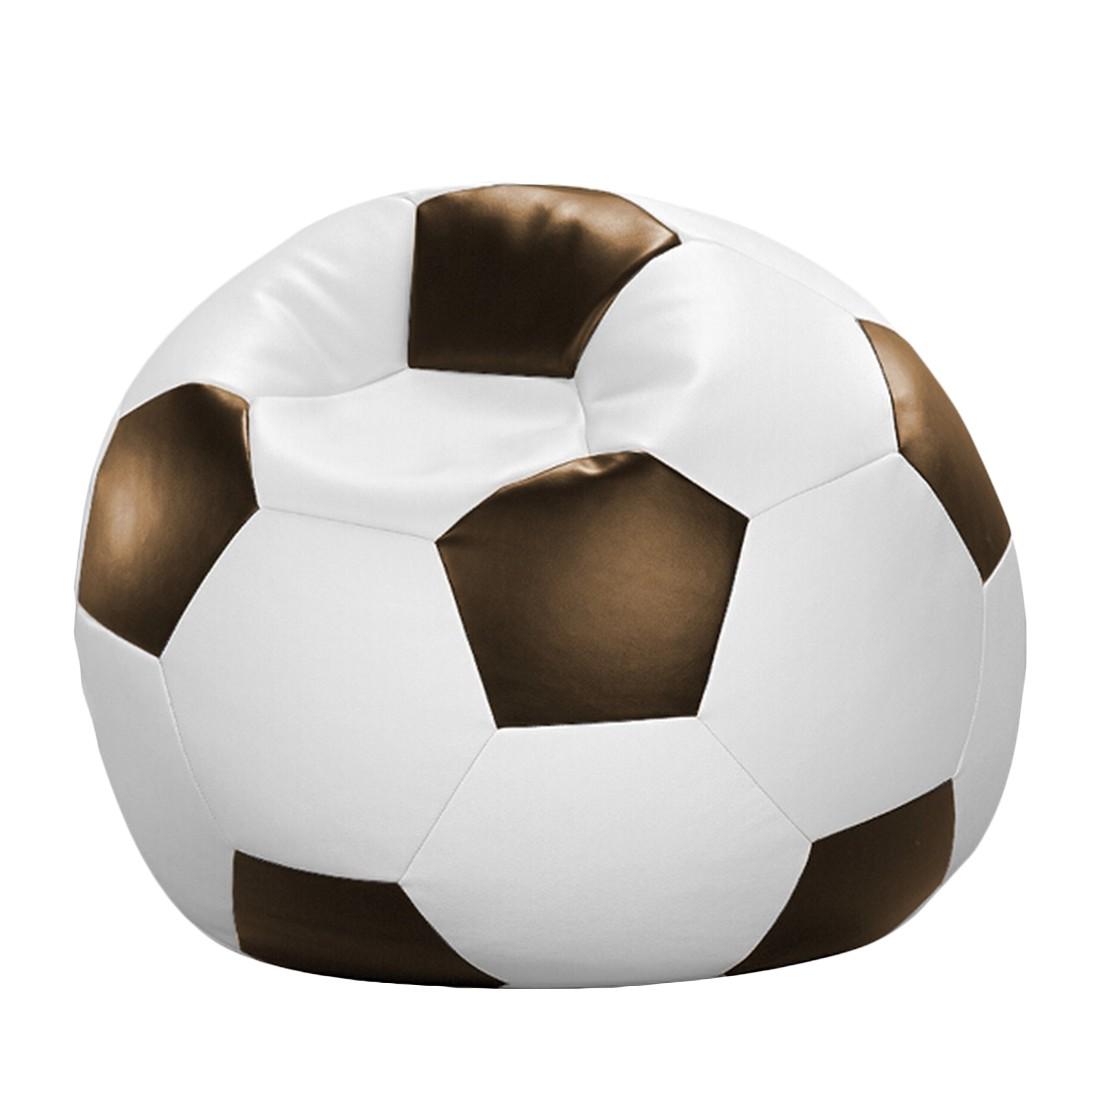 Fussball-Sitzsack – Weiß/Braun – 90 x 90 cm, KC-Handel kaufen